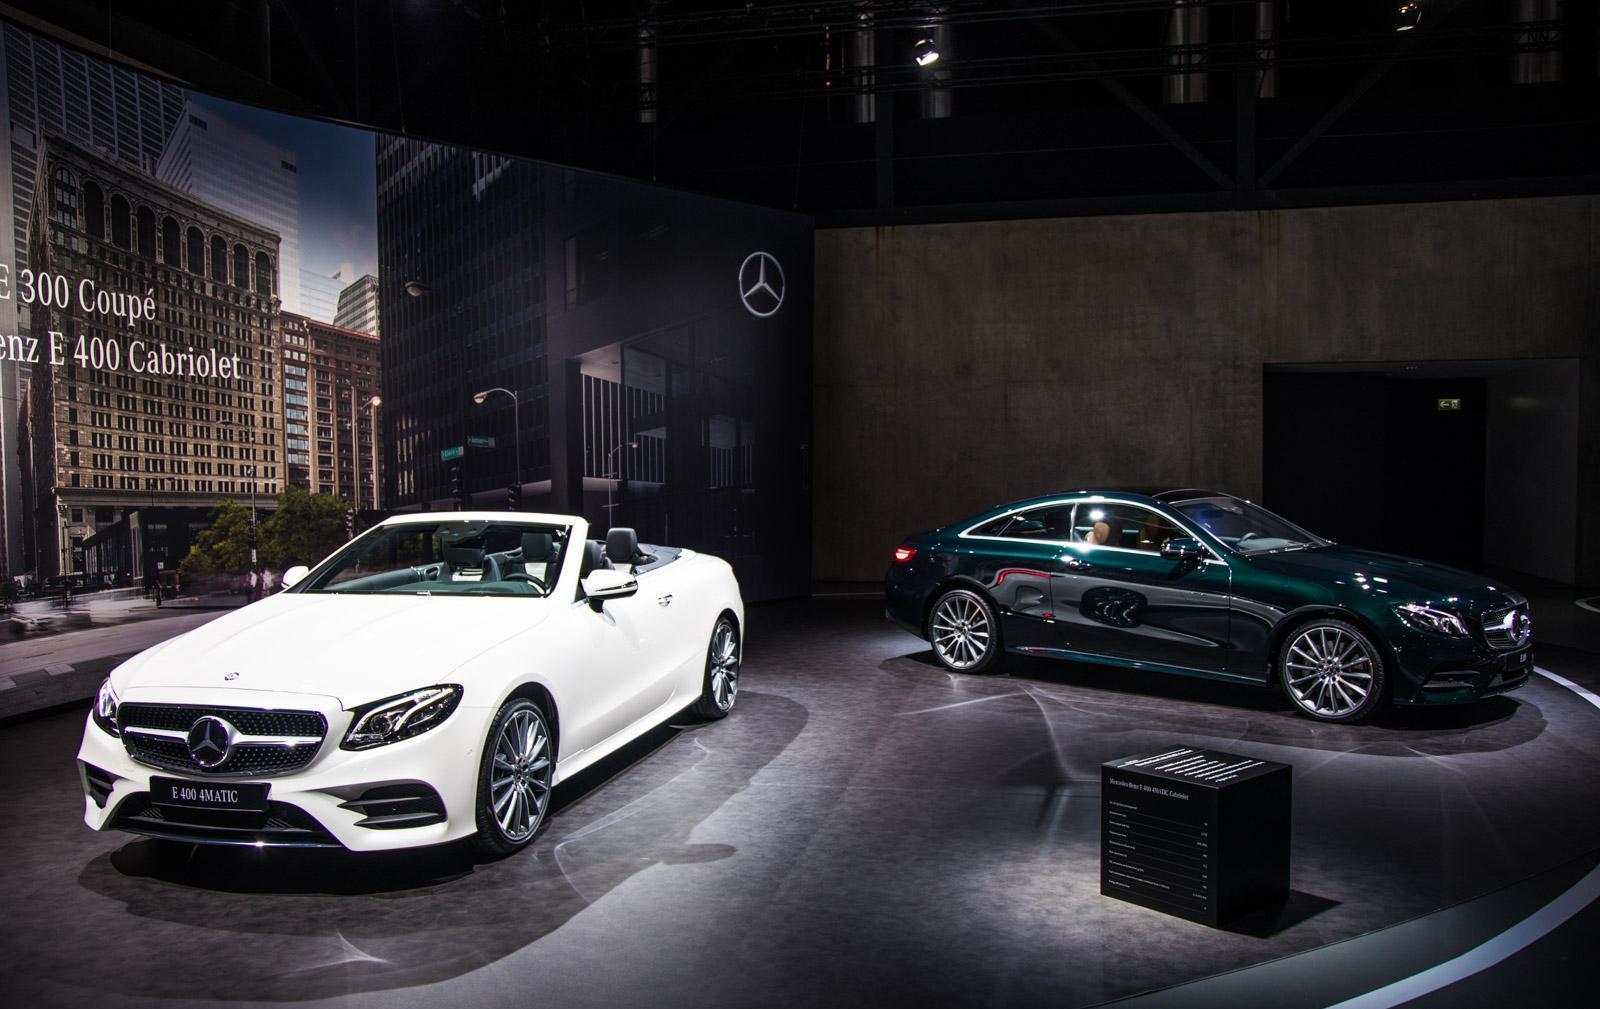 Mercedes_E400_Cabriolet_014